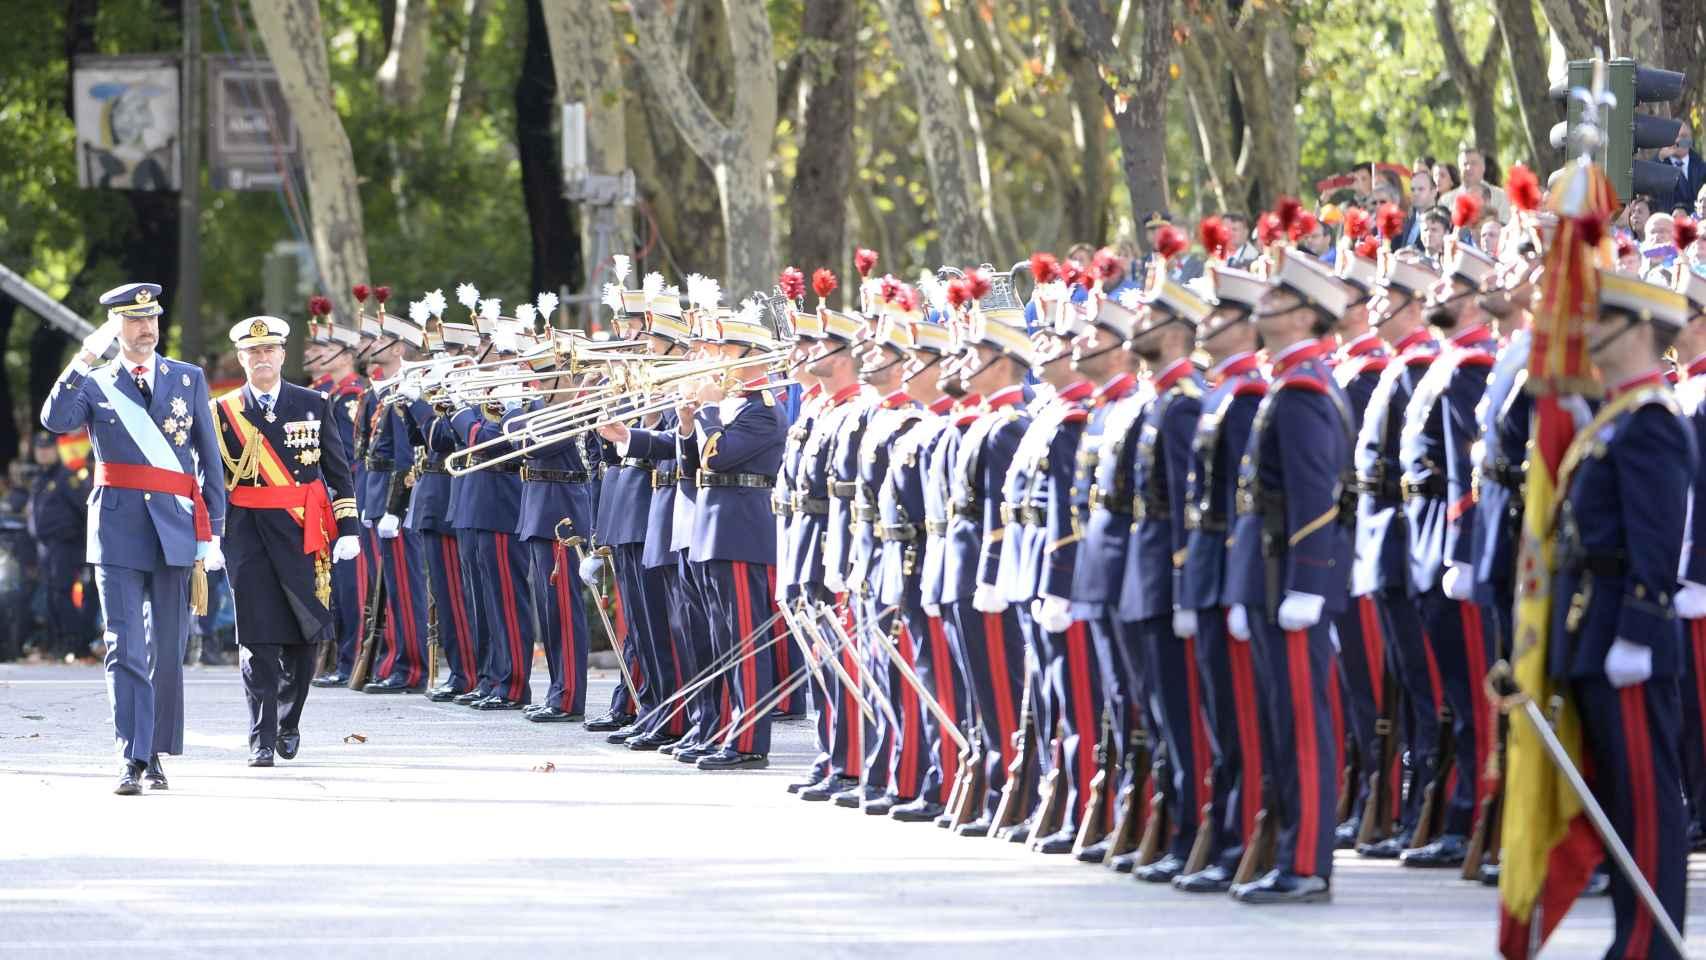 Felipe VI pasa revista a las tropas en el desfile militar de 2014